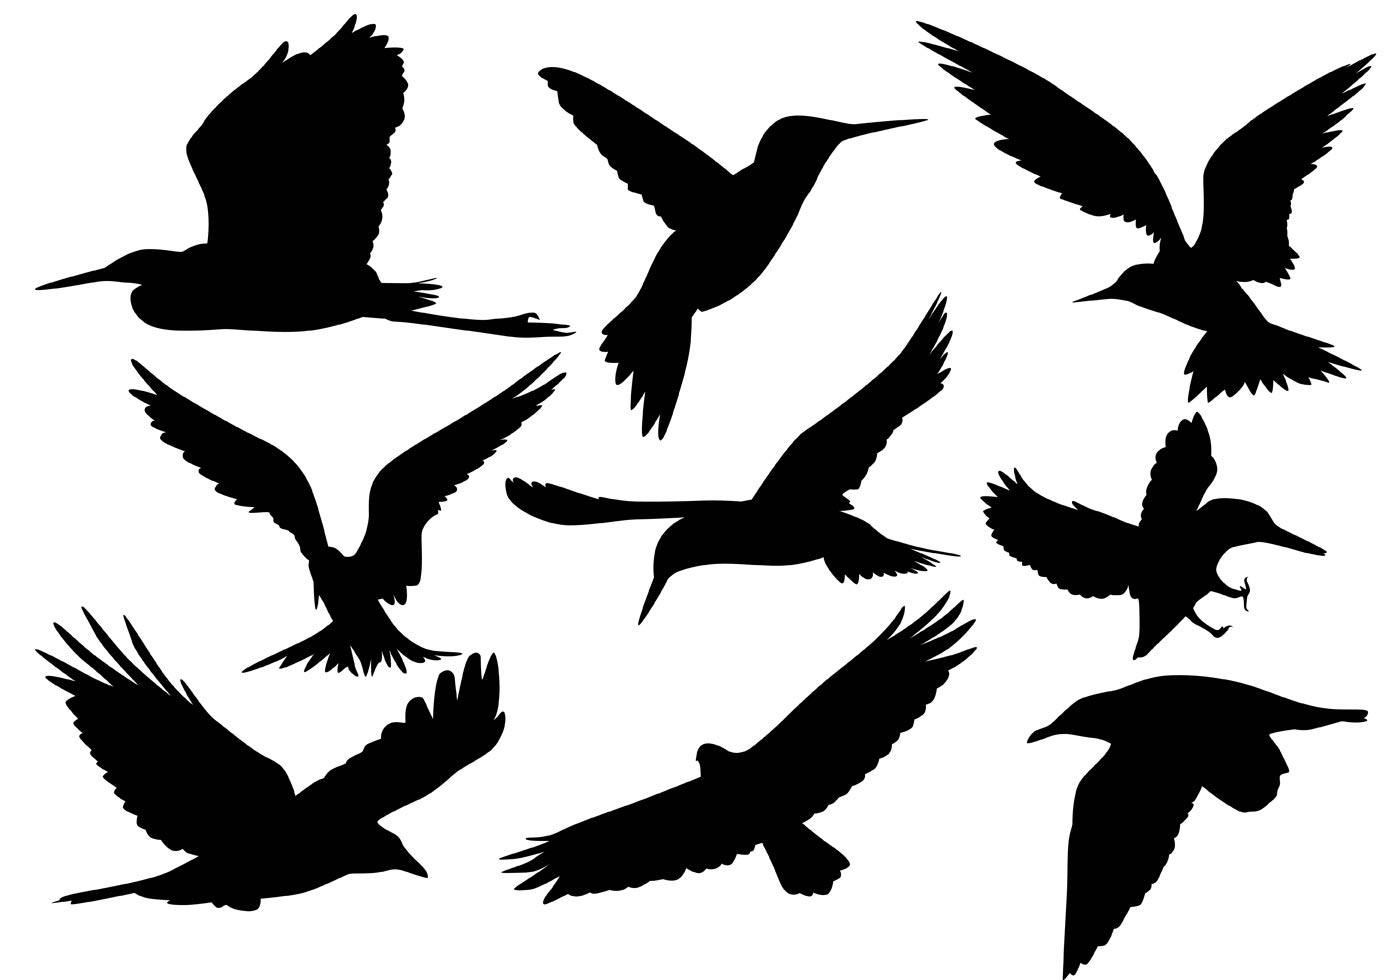 Flying Bird Silhouette Vectors - Download Free Vector Art, Stock Graphics & Images